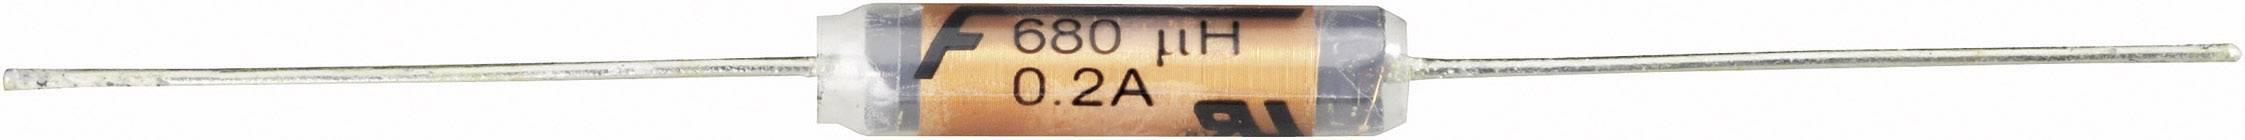 Střední pevná cívka Fastron MESC-101M-01, 100 µH, 1 A, 10 %, MESC-101, ferit